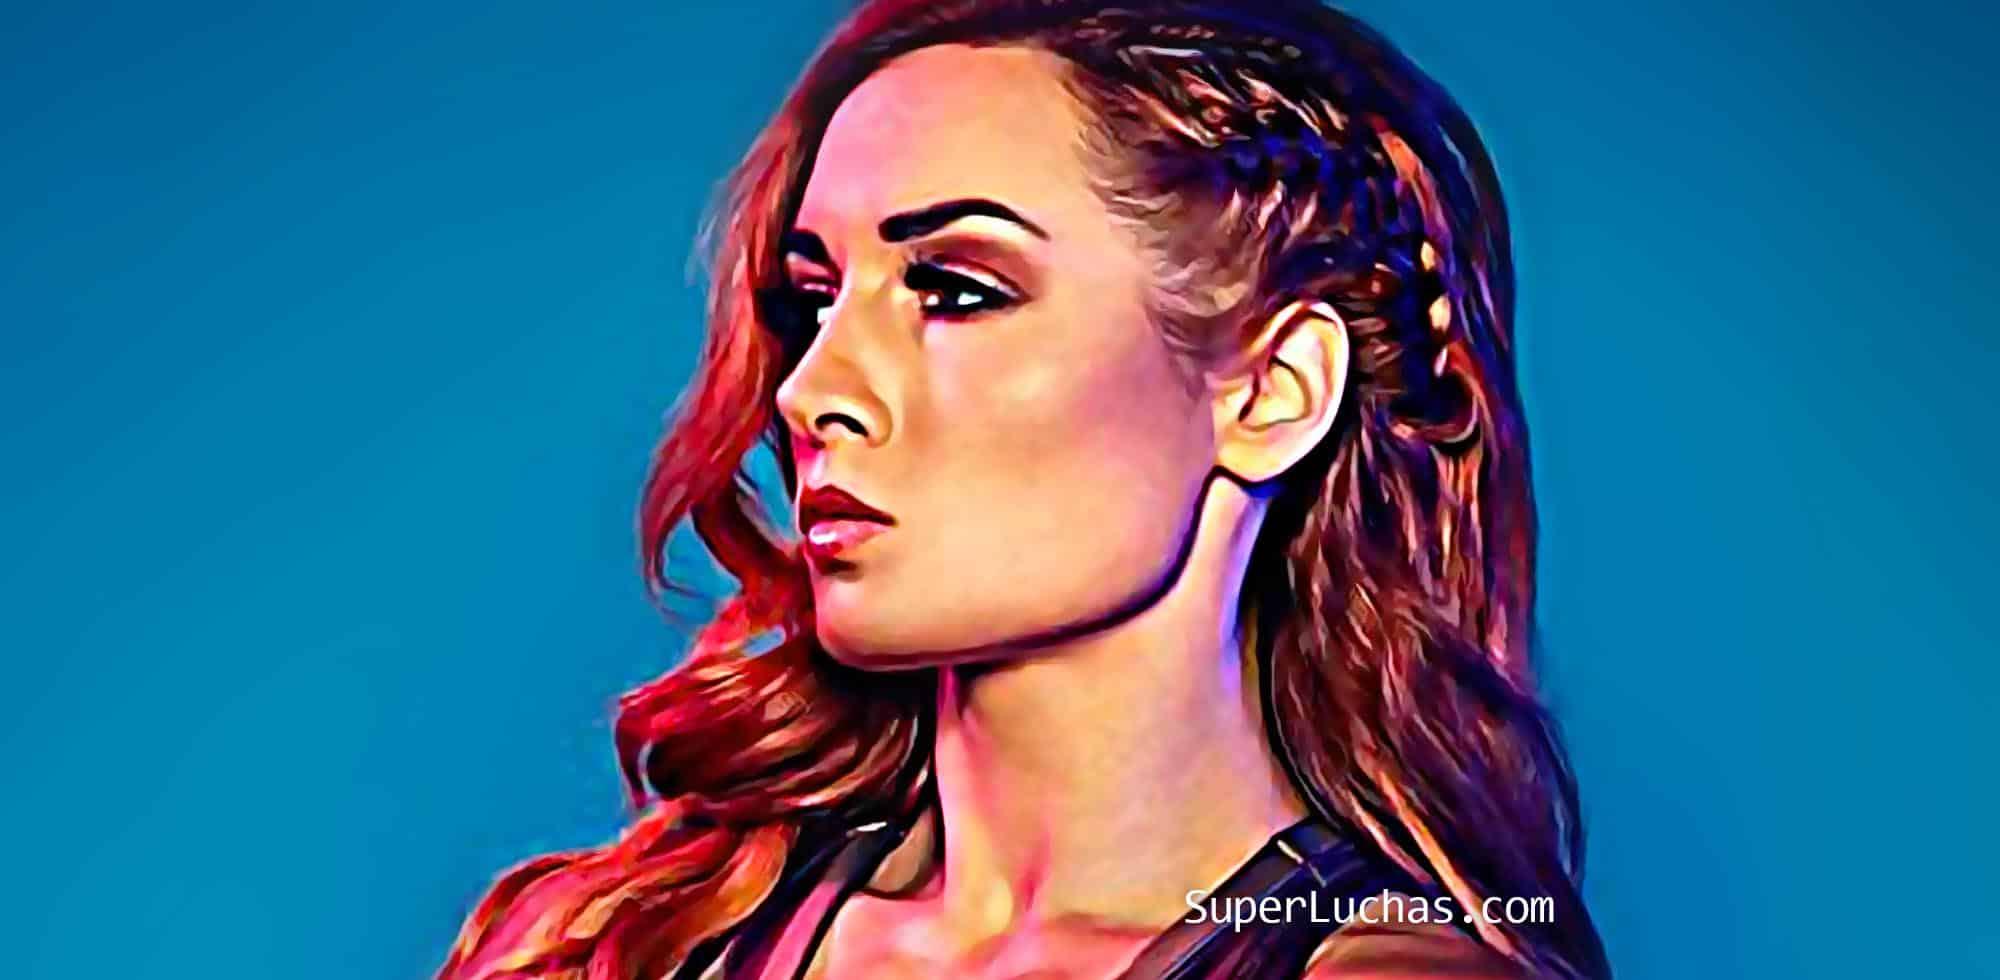 Becky Lynch / WWE / SuperLuchas.com